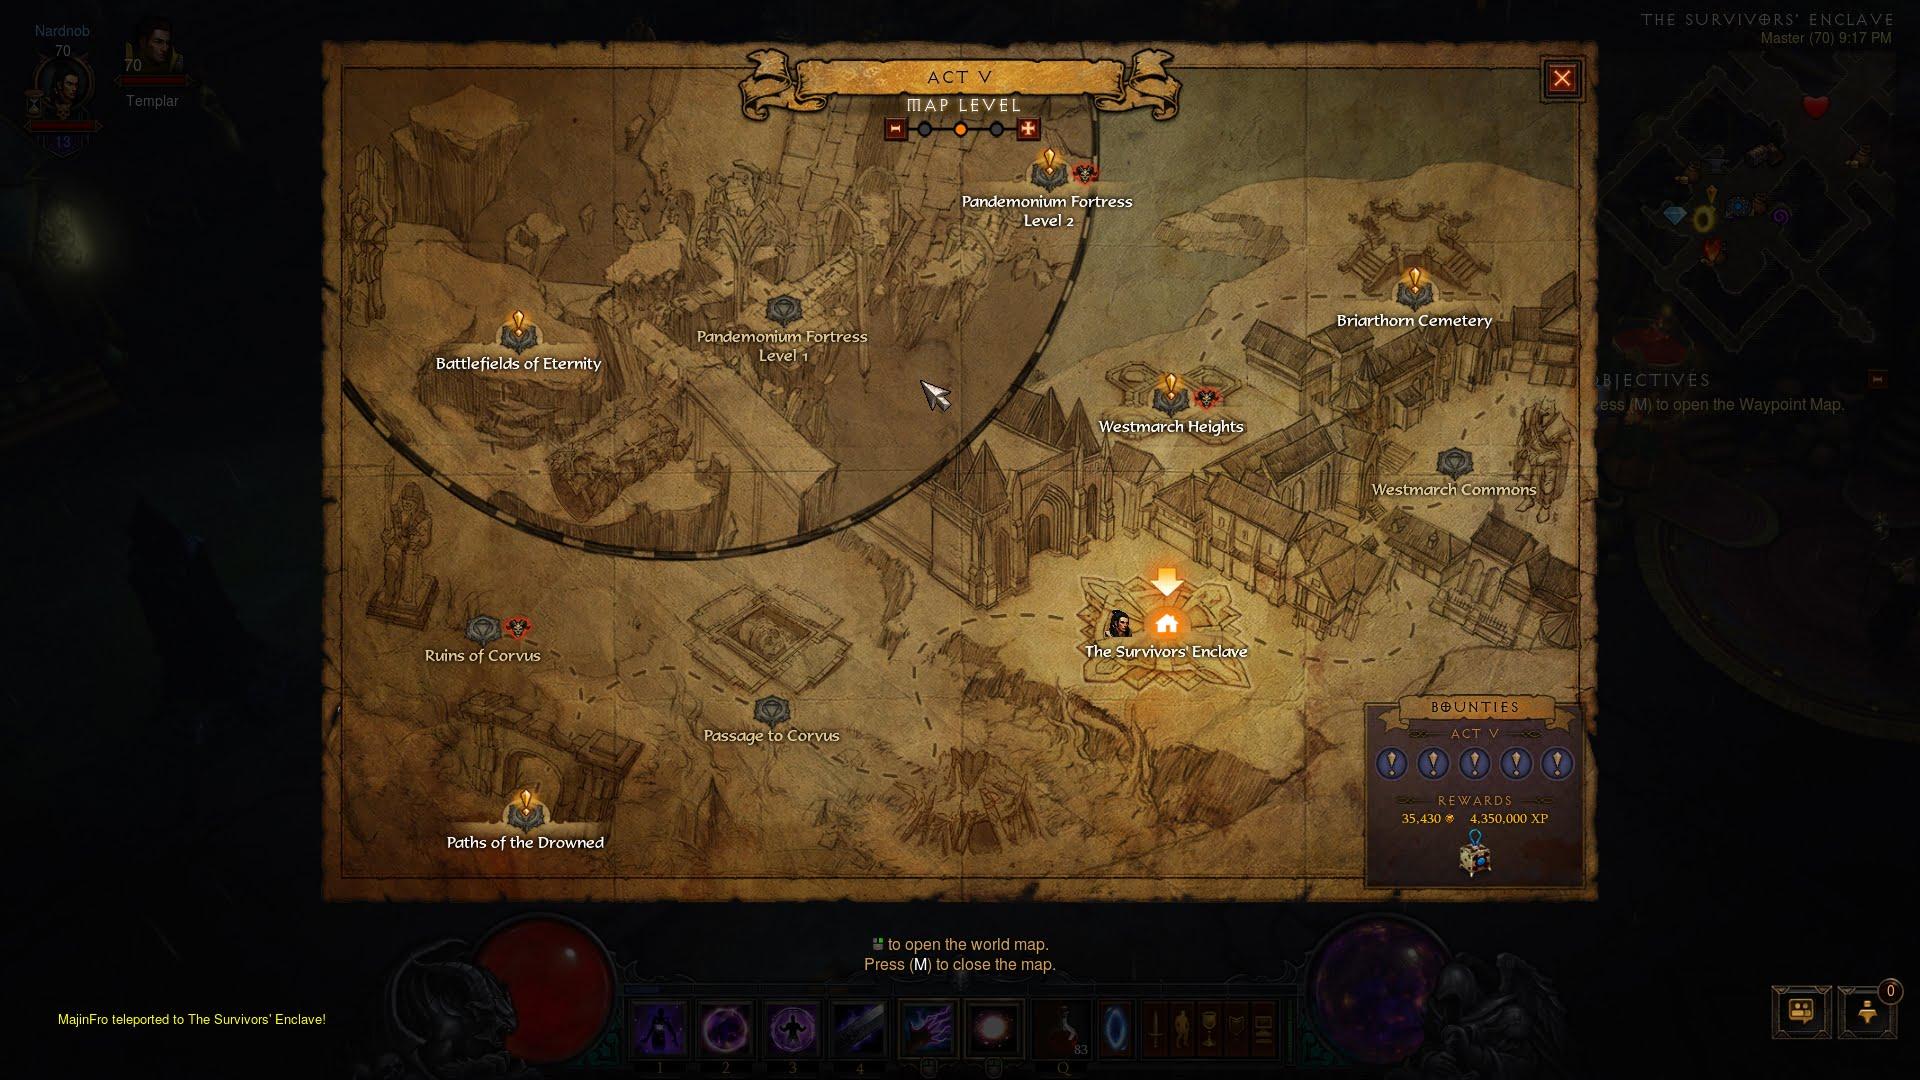 diablo 3 how to complete ulianas set dungeon